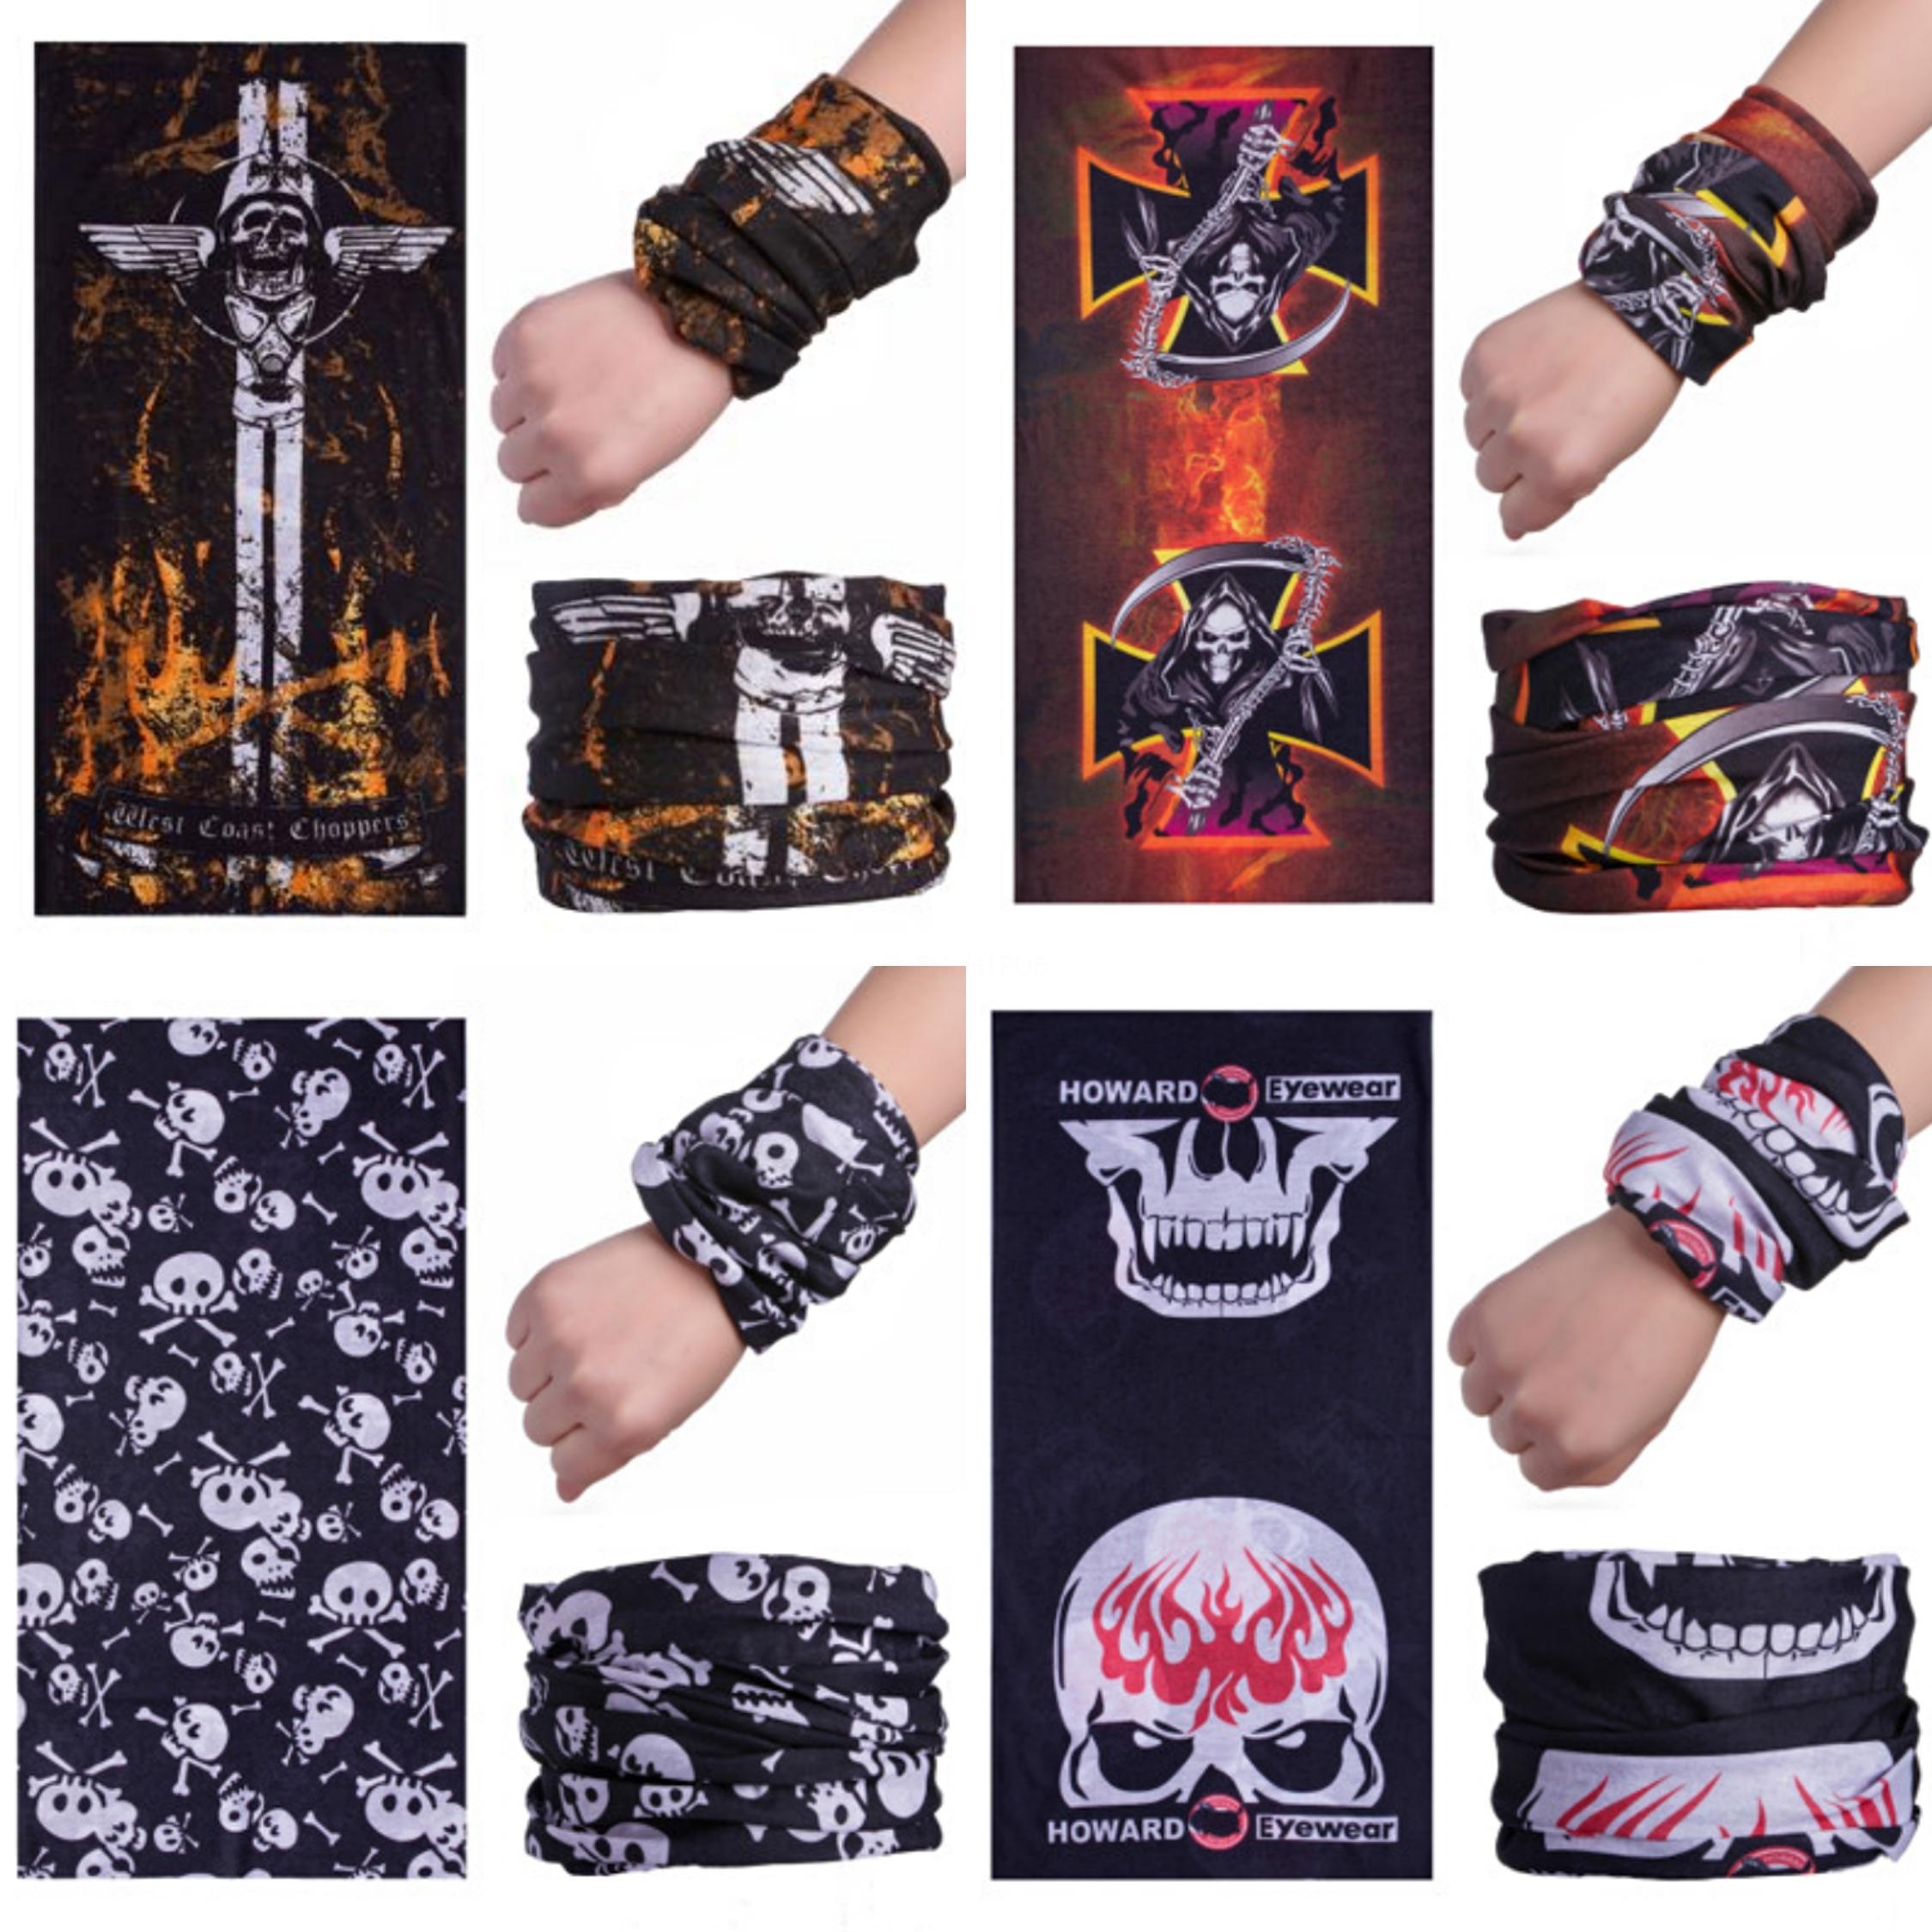 9KmuE 2020 Skull Scarf Hip Hop design anacardio Skull Scarf triangolo magico Flower Bandana Via Skateboard maschera di protezione del collo di moda della bicicletta S # 441